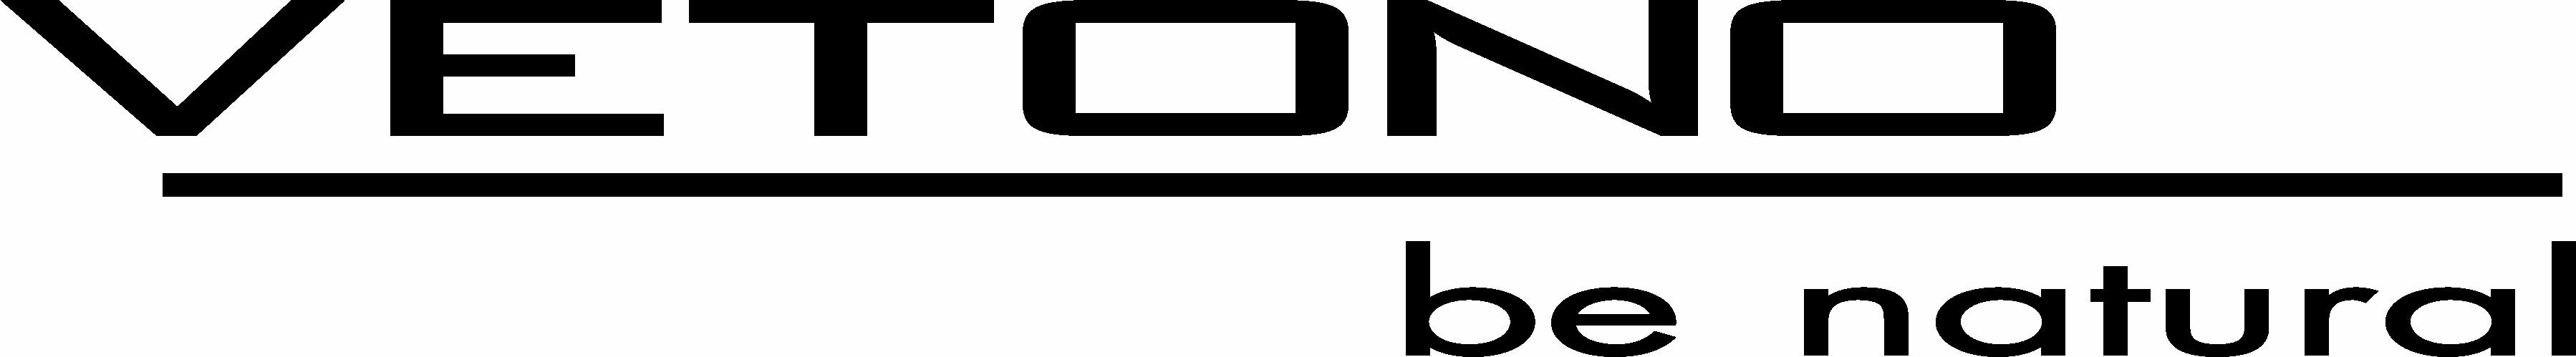 Vetono_logo.jpg